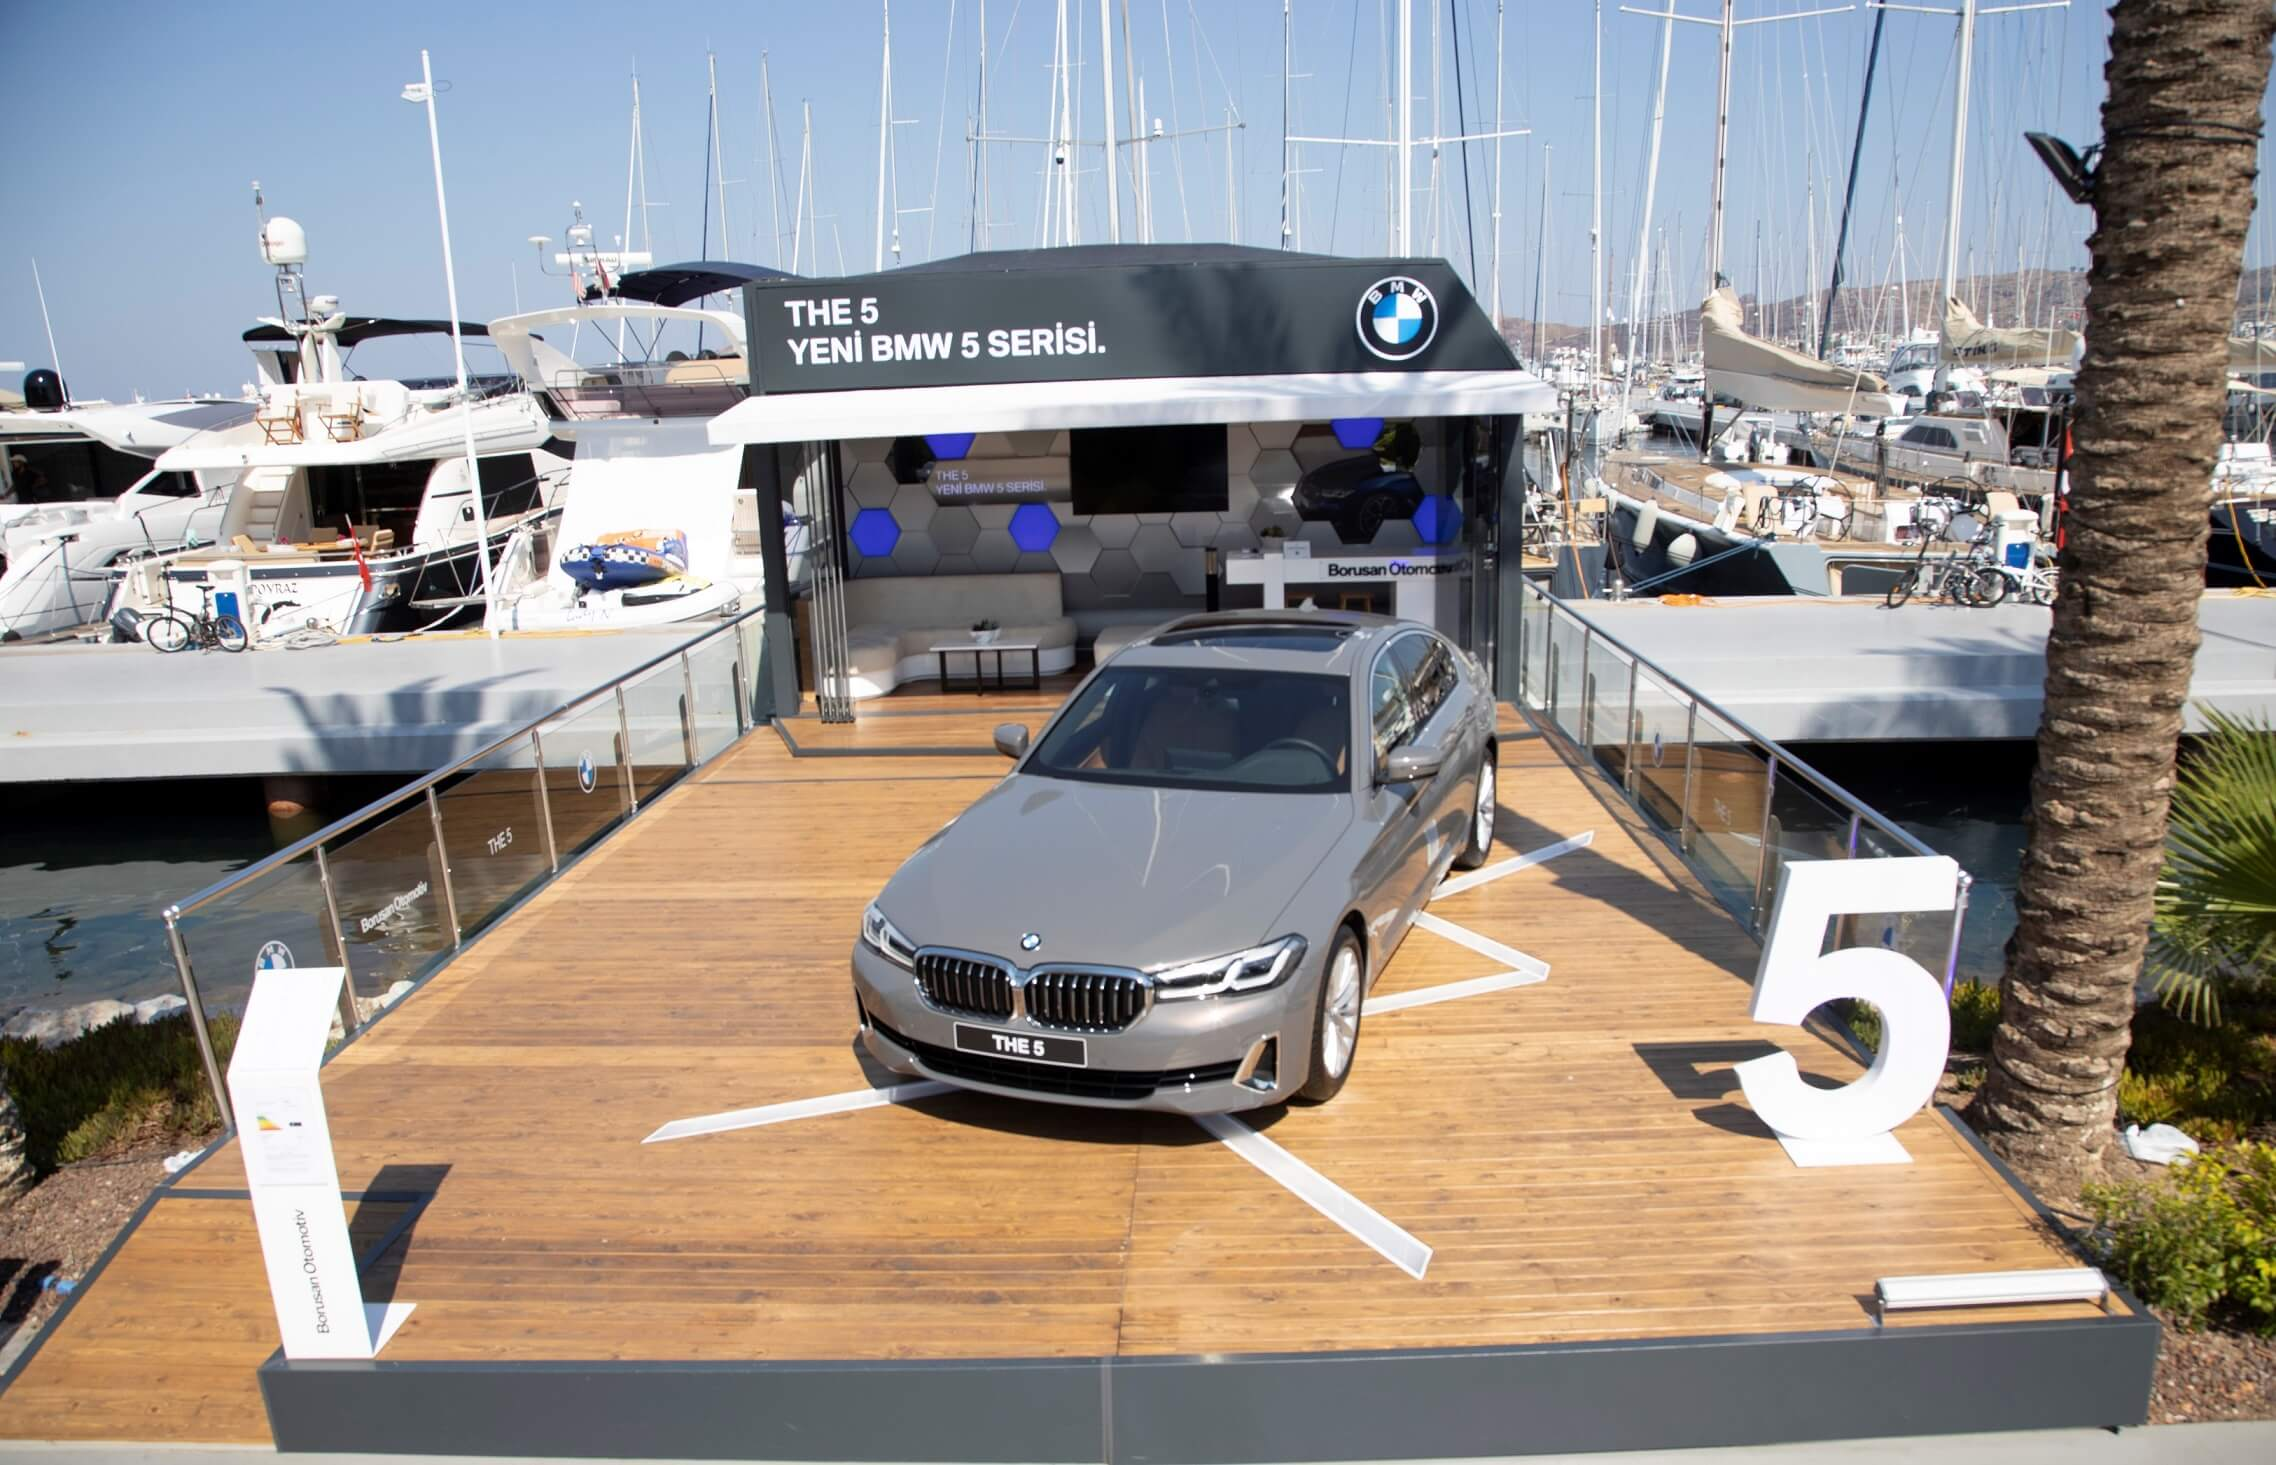 Yeni BMW 5 Serisi Türkiye'ye Geldi